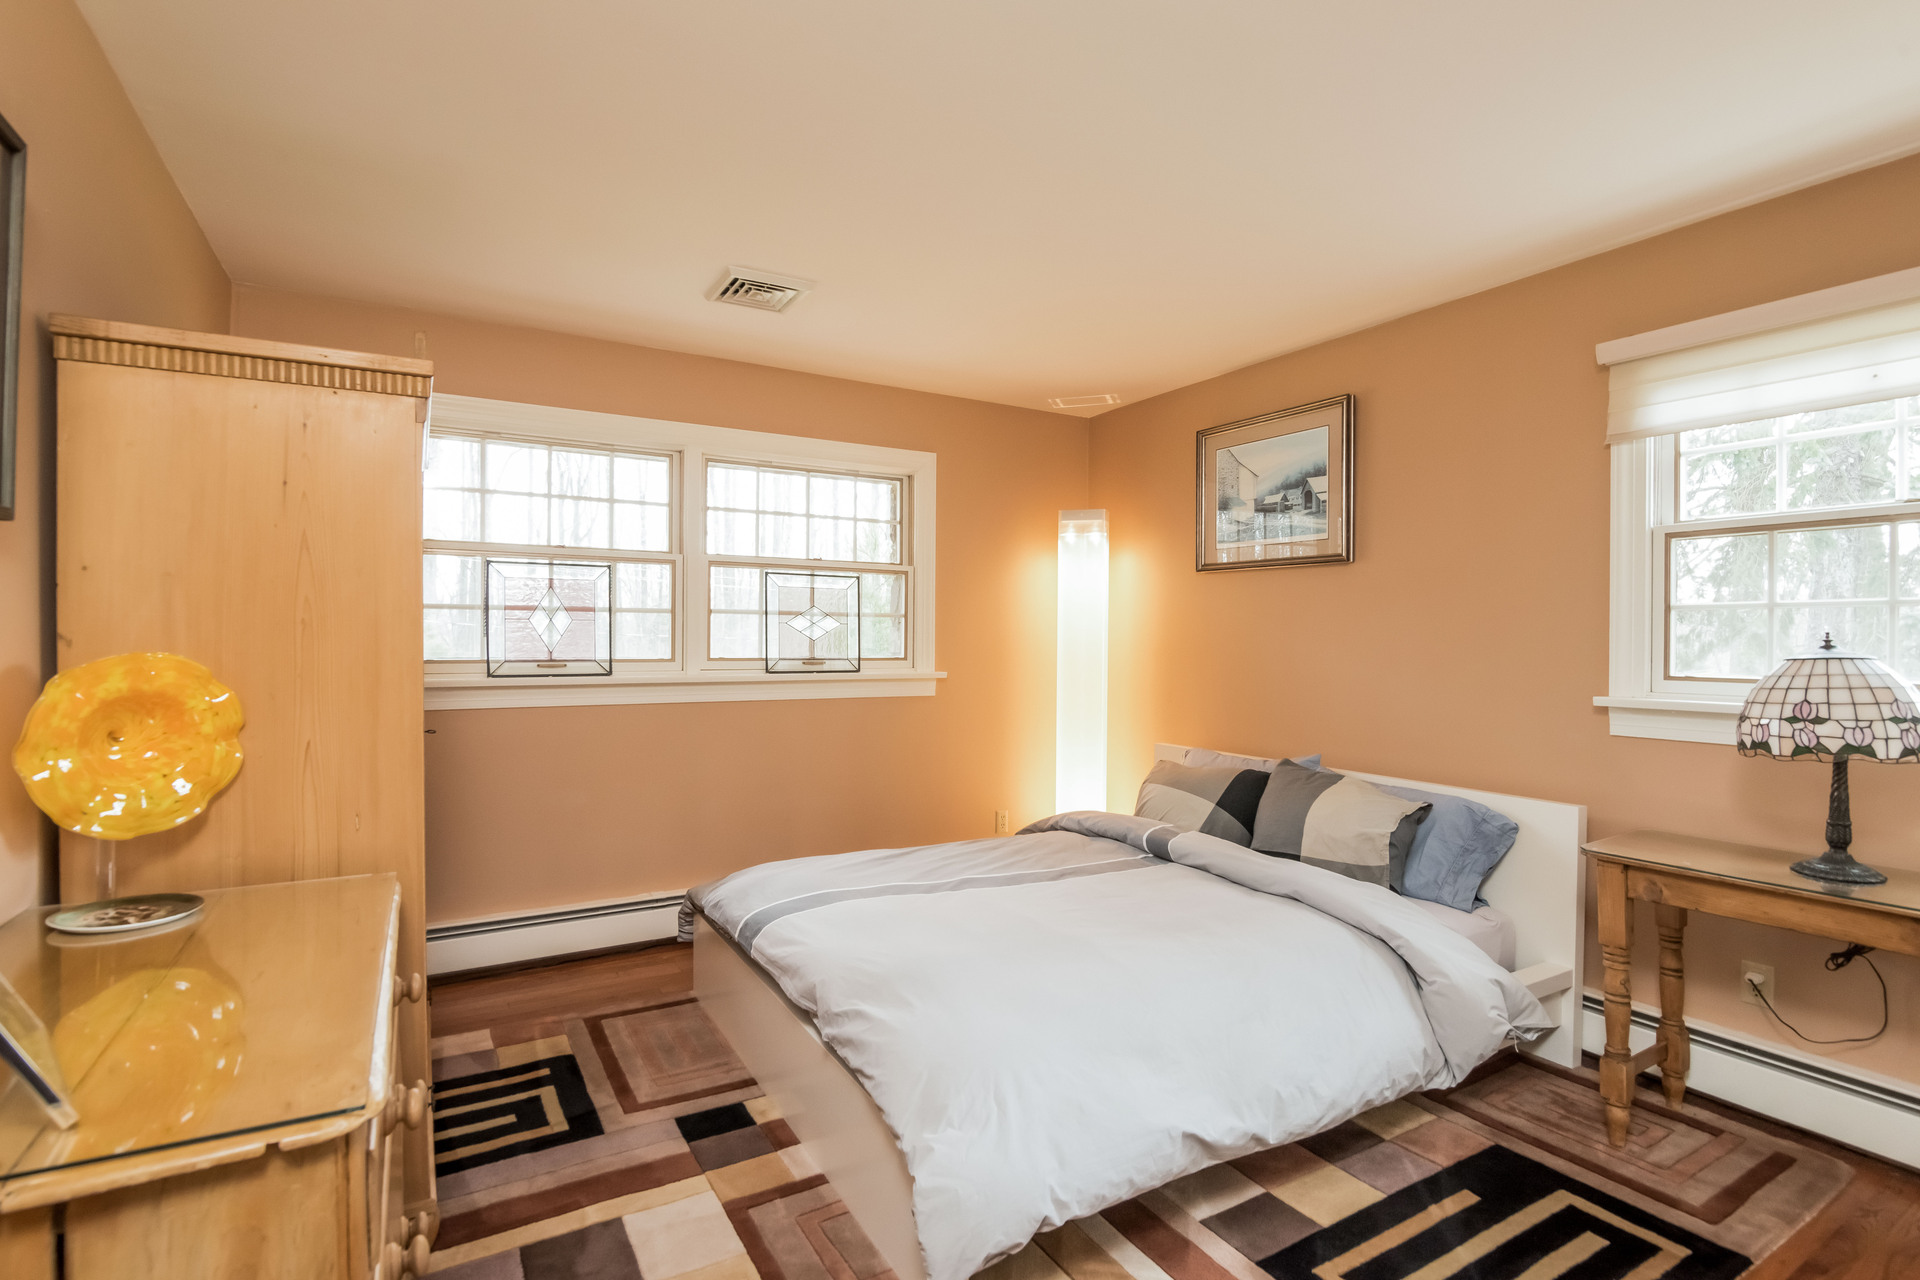 Guest Room | New Hope PA Guest Room | #GuestRoom | #NewHopePAGuestRoom